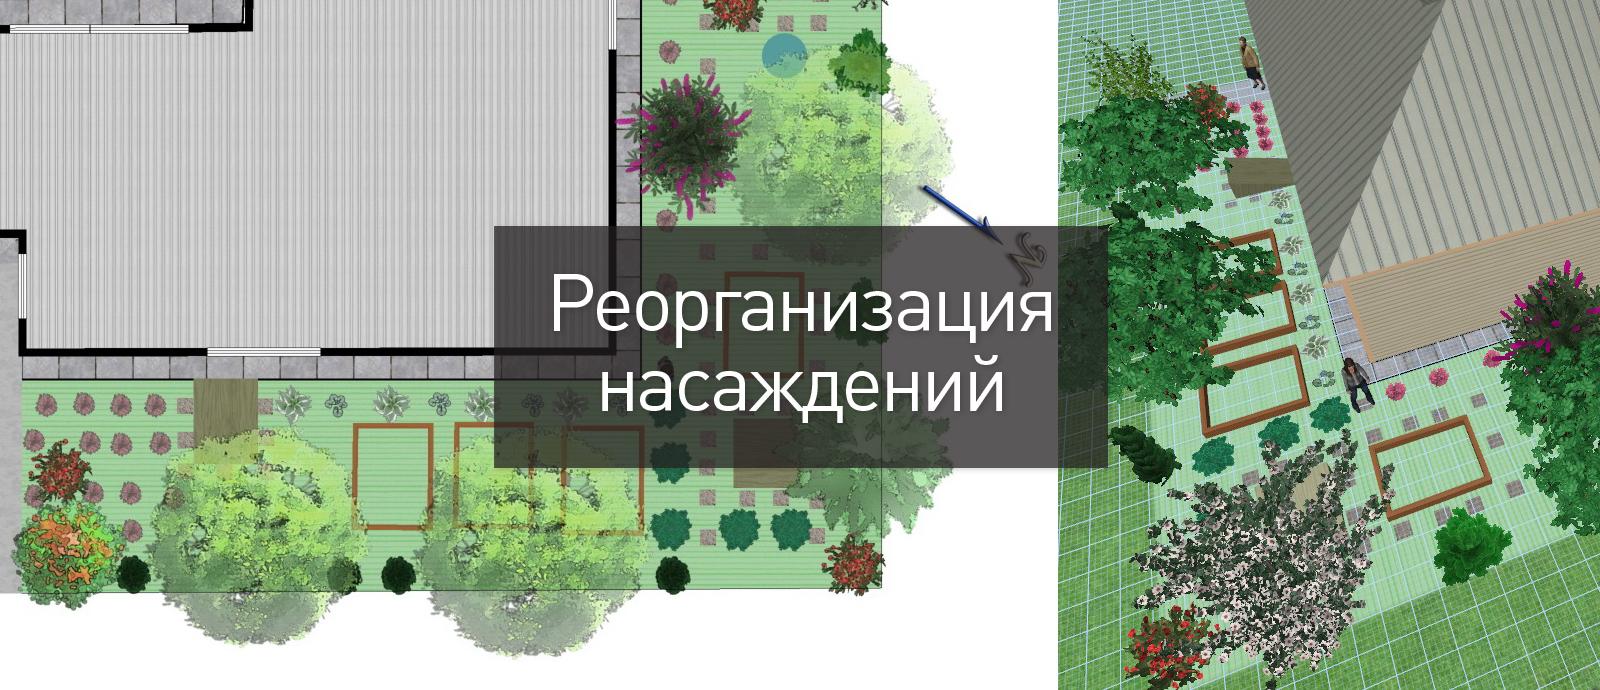 Реорганізація рослин на існуючих ділянках.